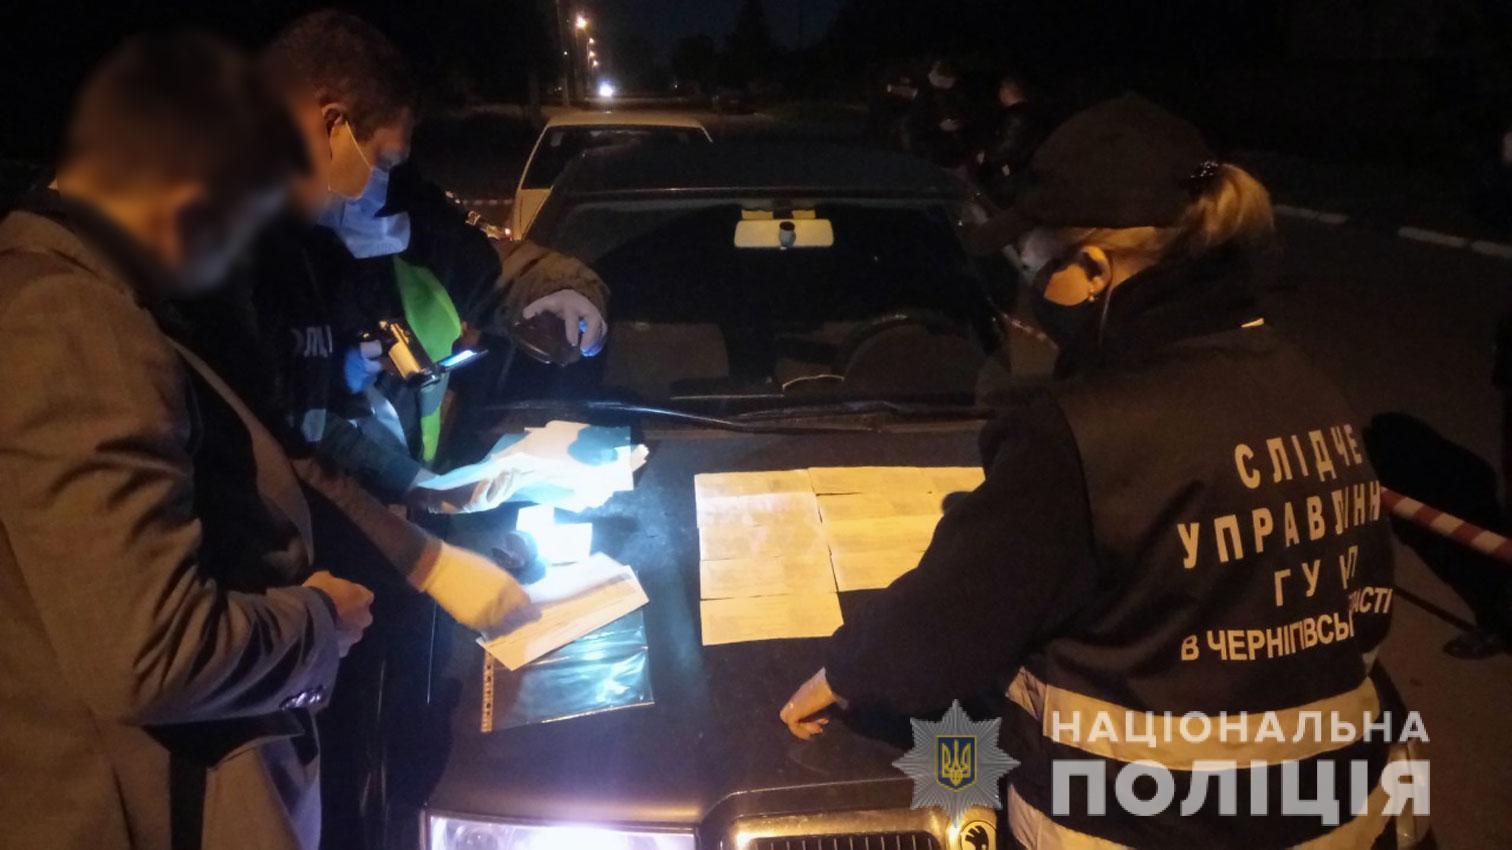 Списки і 66 тис. грн: на Чернігівщині викрили схему підкупу виборців